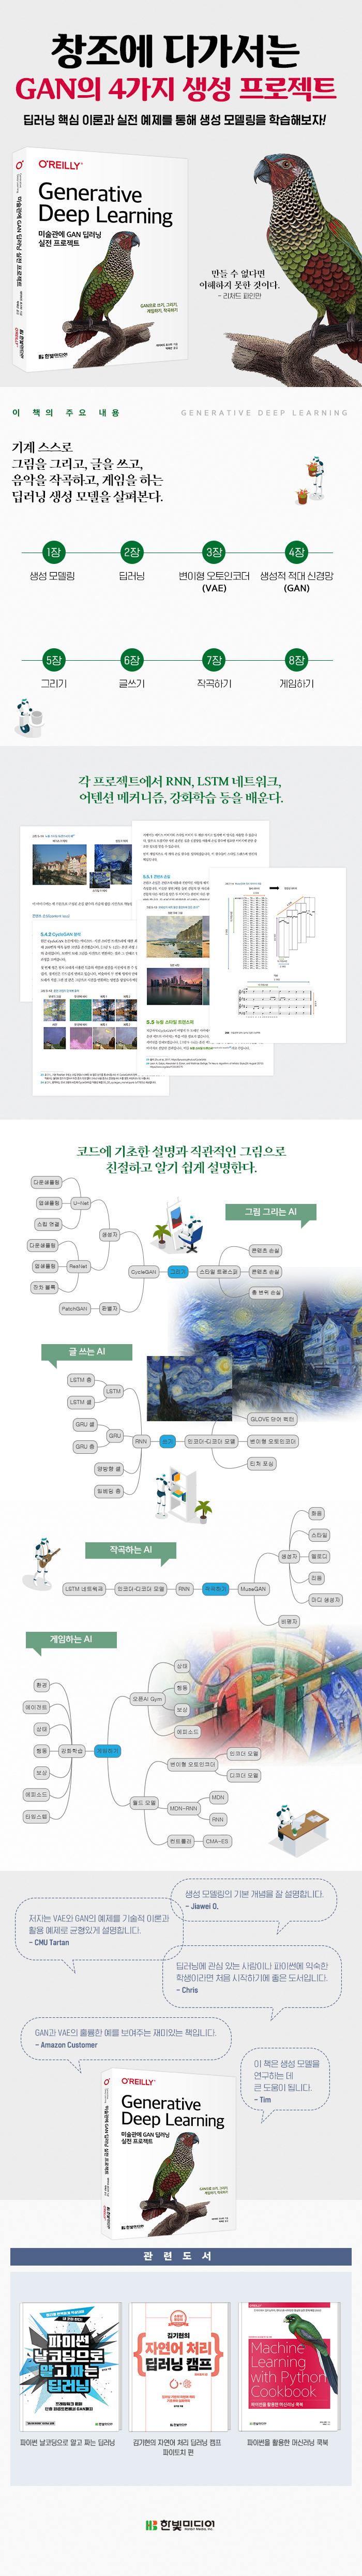 미술관에 GAN 딥러닝 실전 프로젝트_상세이미지_700.jpg